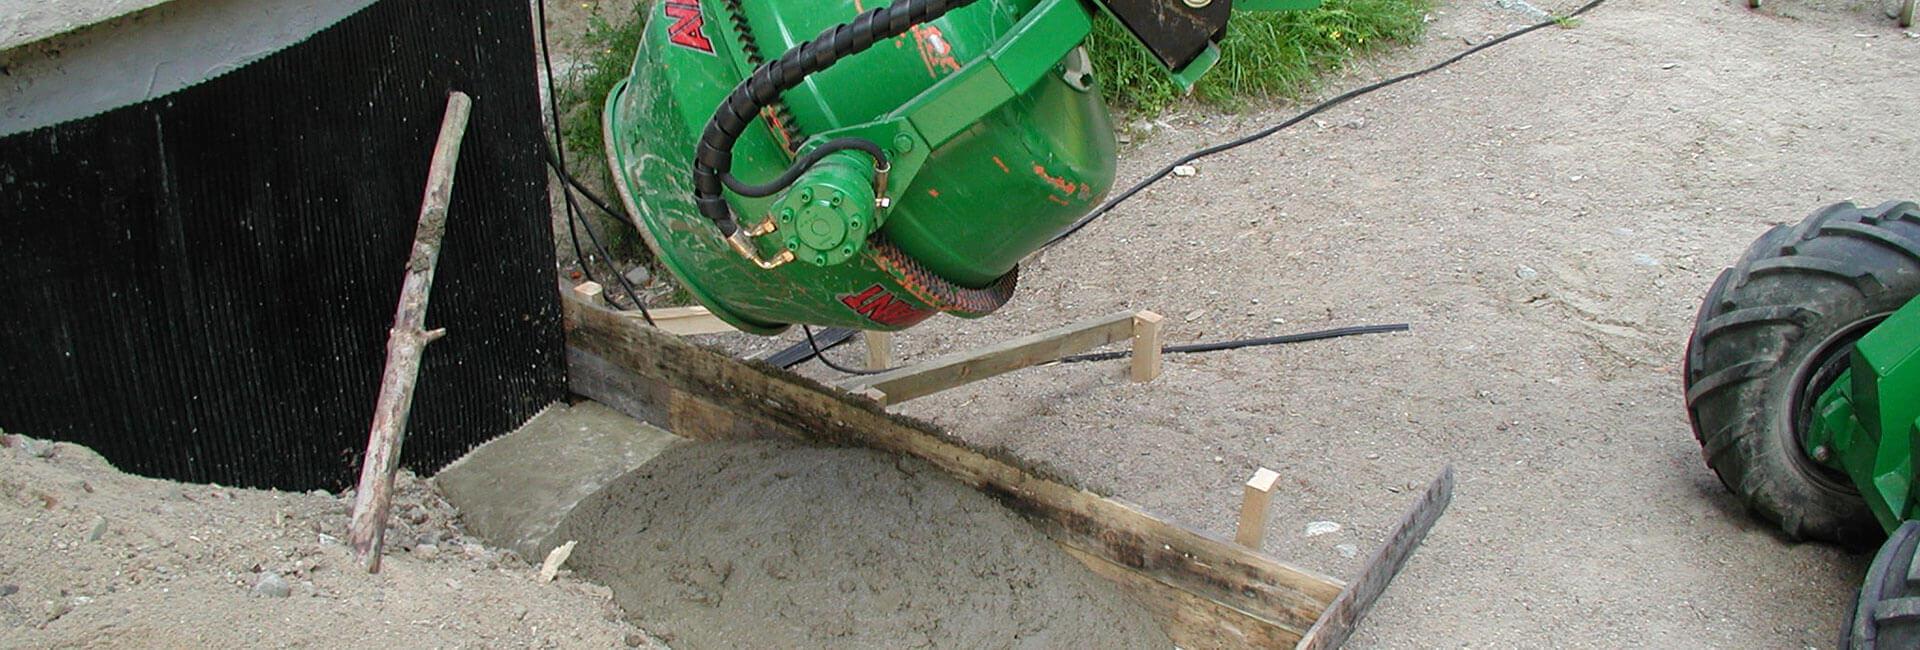 miljøbillede af AVANT minilæsser med cementblander